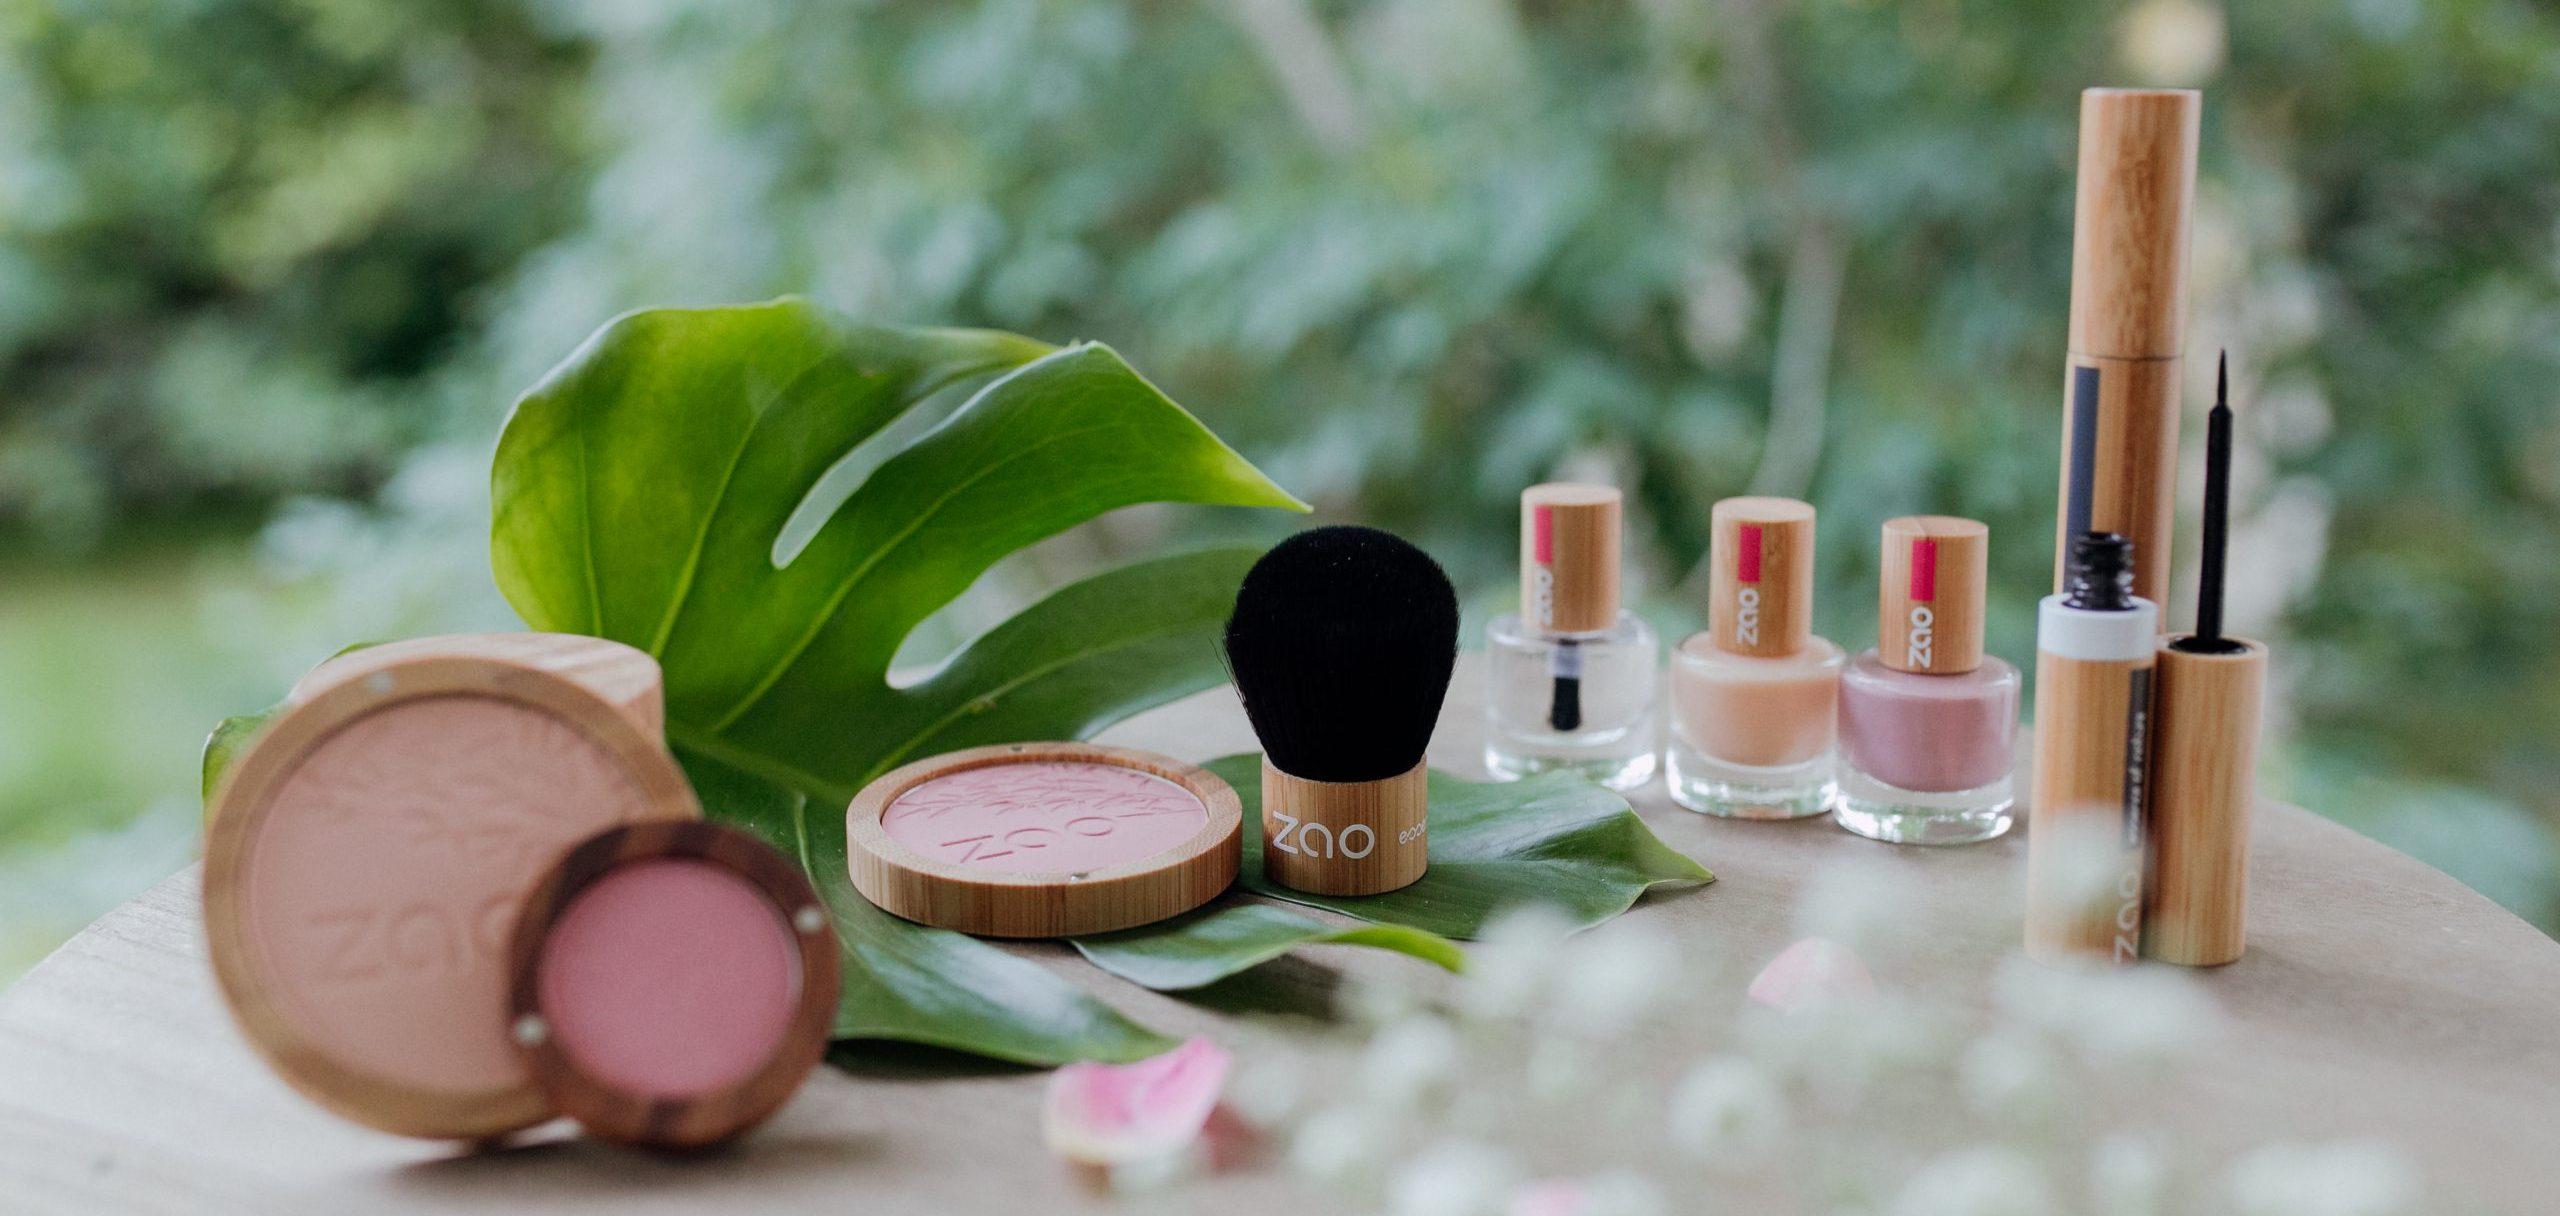 marques cosmétiques bio Tours Ulrike photographe